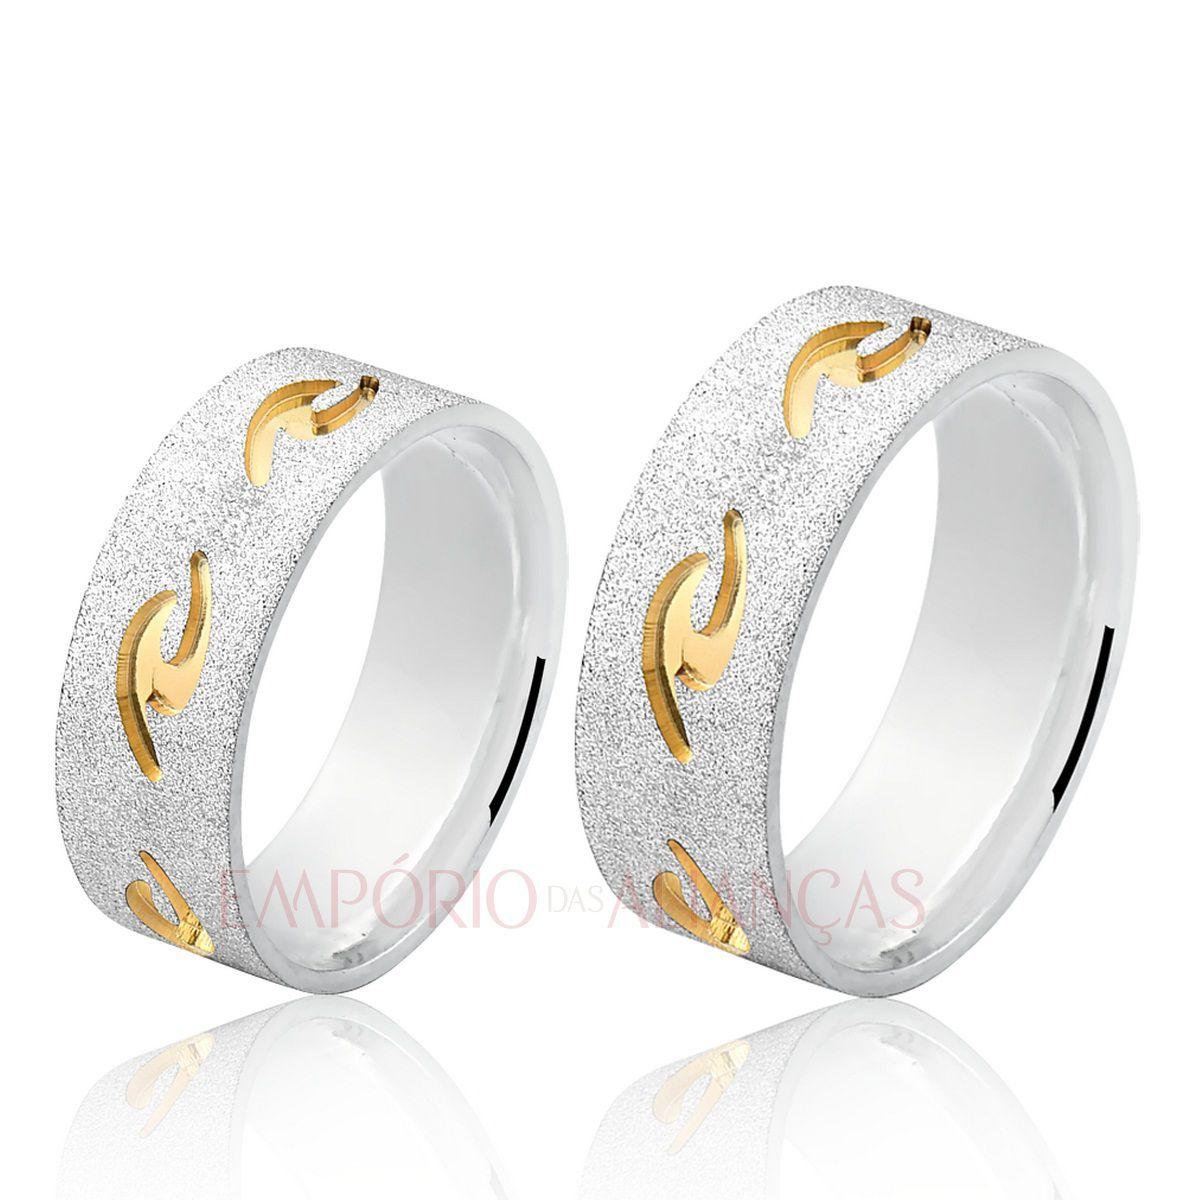 Alianças Prata Compromisso Namoro Quadrada Fosca Diamantada Rip Curl Mar Banho Ouro 8mm 12 gramas Anatômica